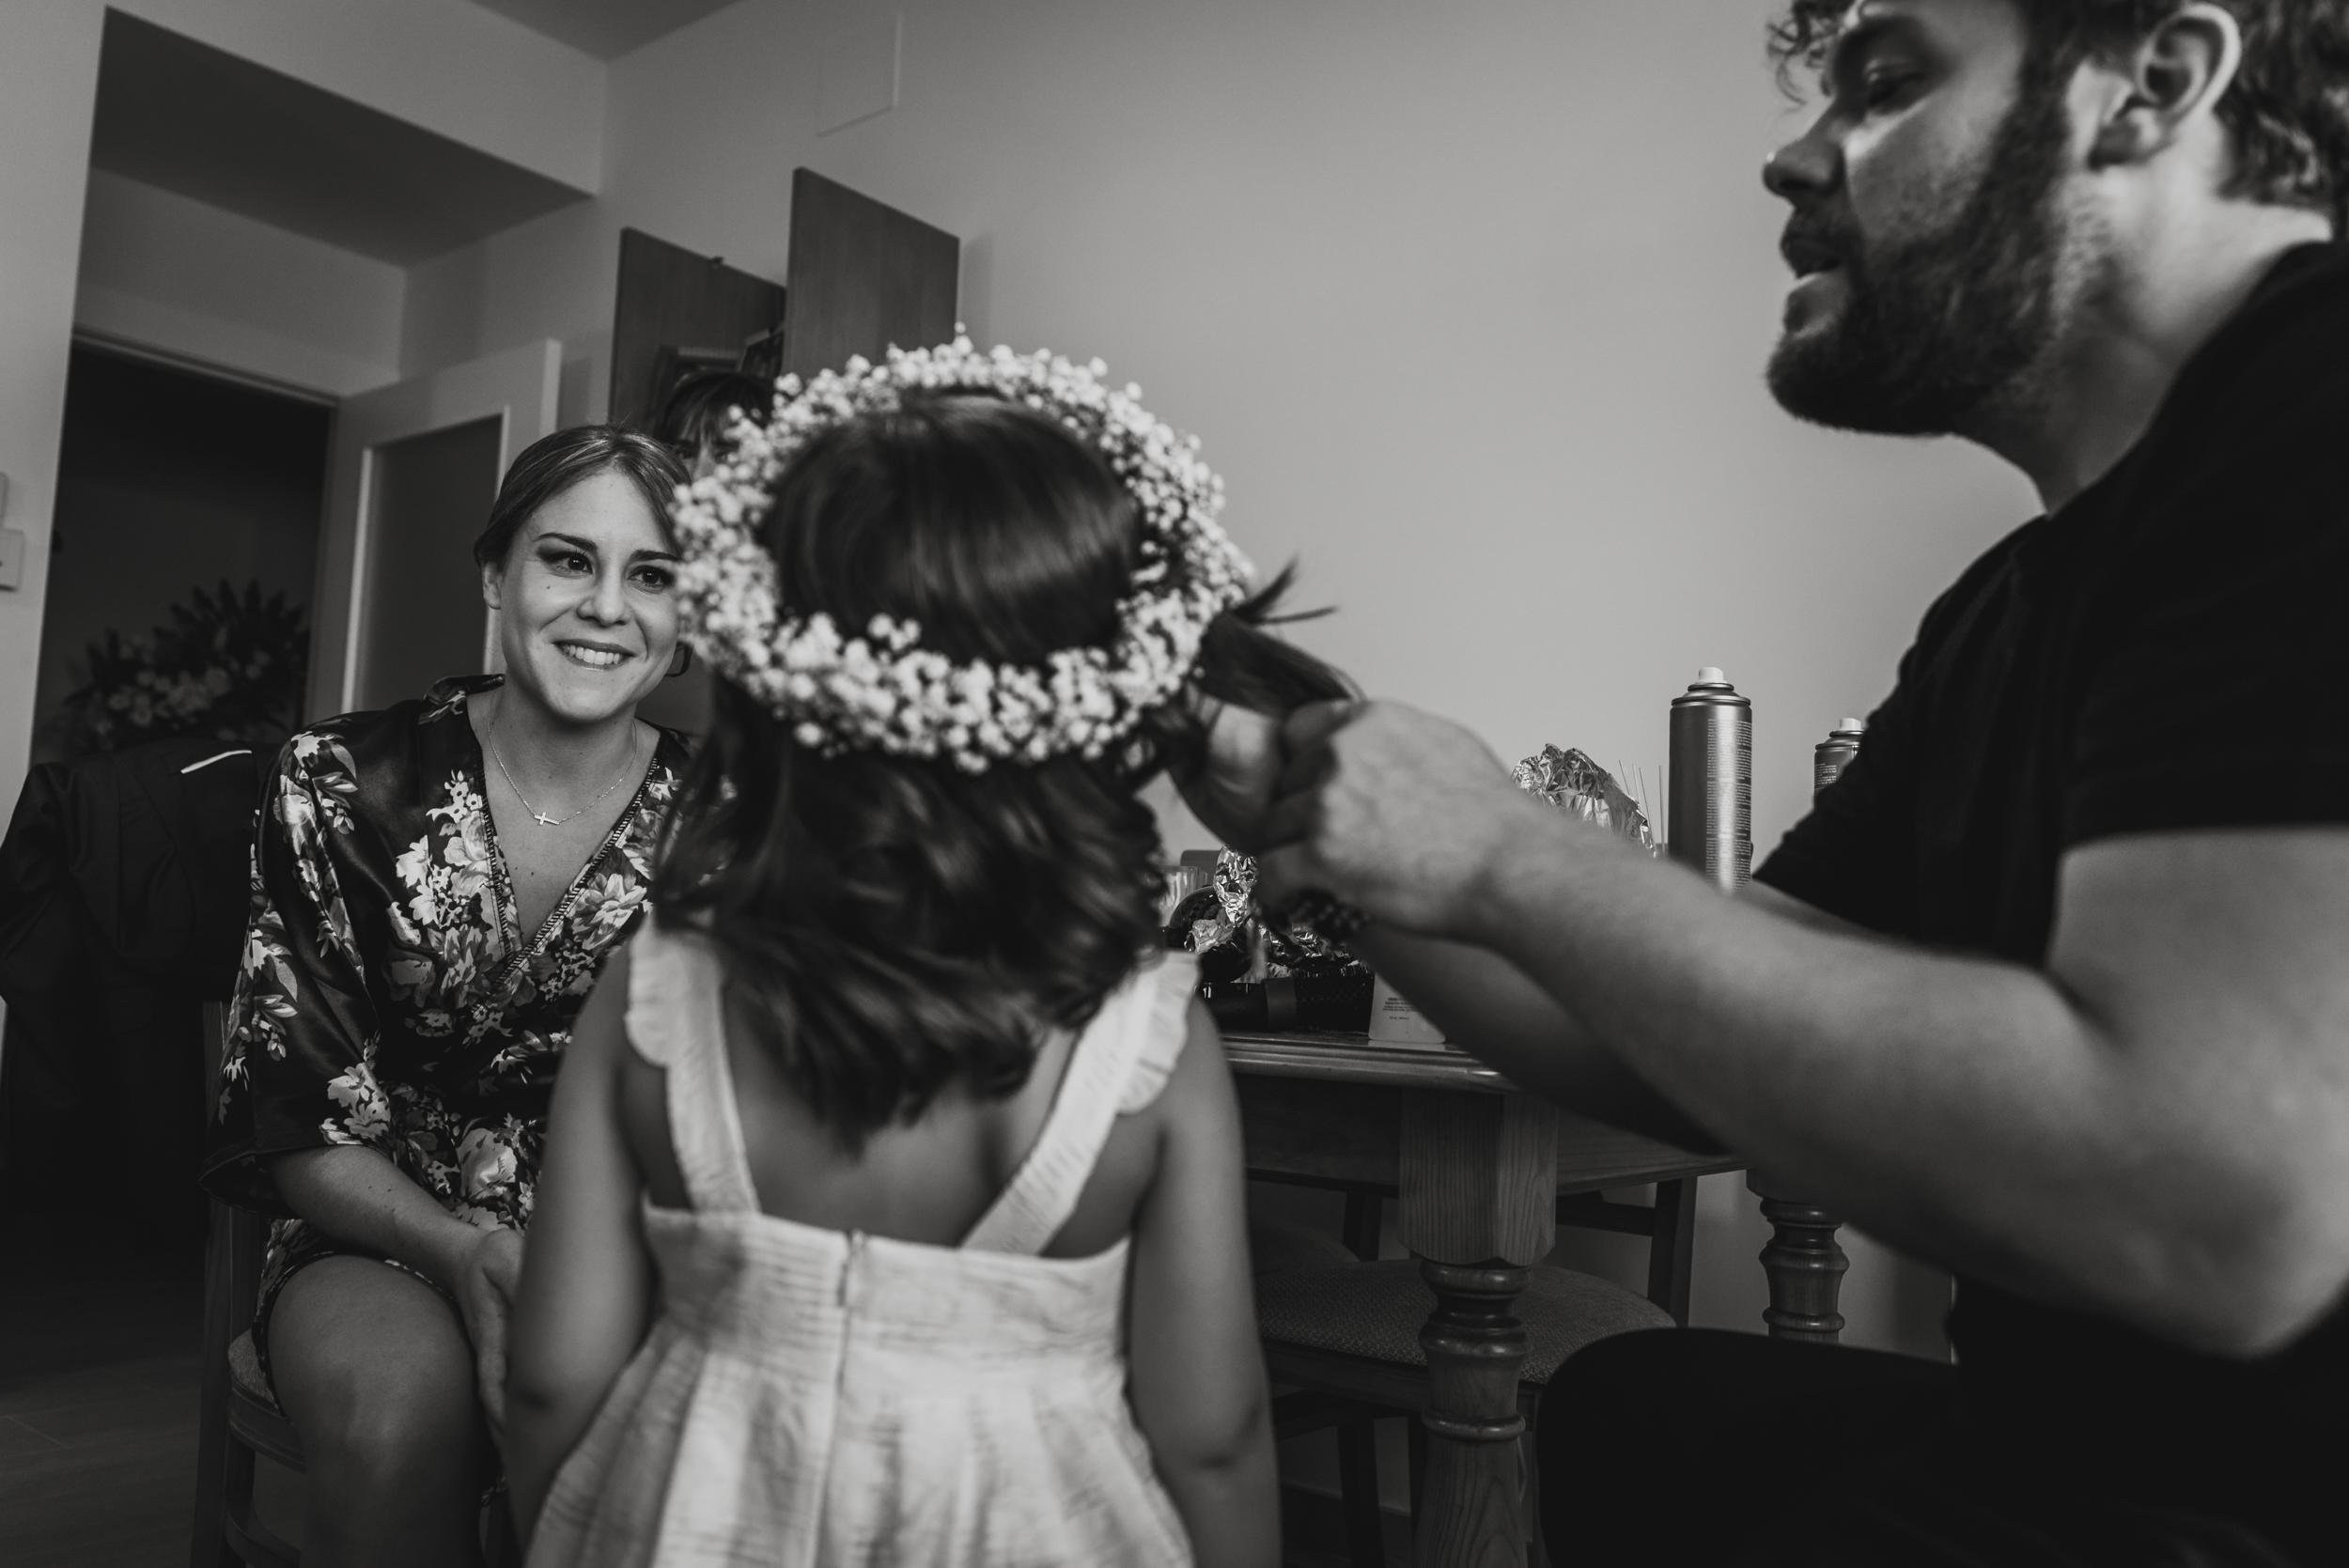 garatefotografia-fotografo-boda-Granada (11)